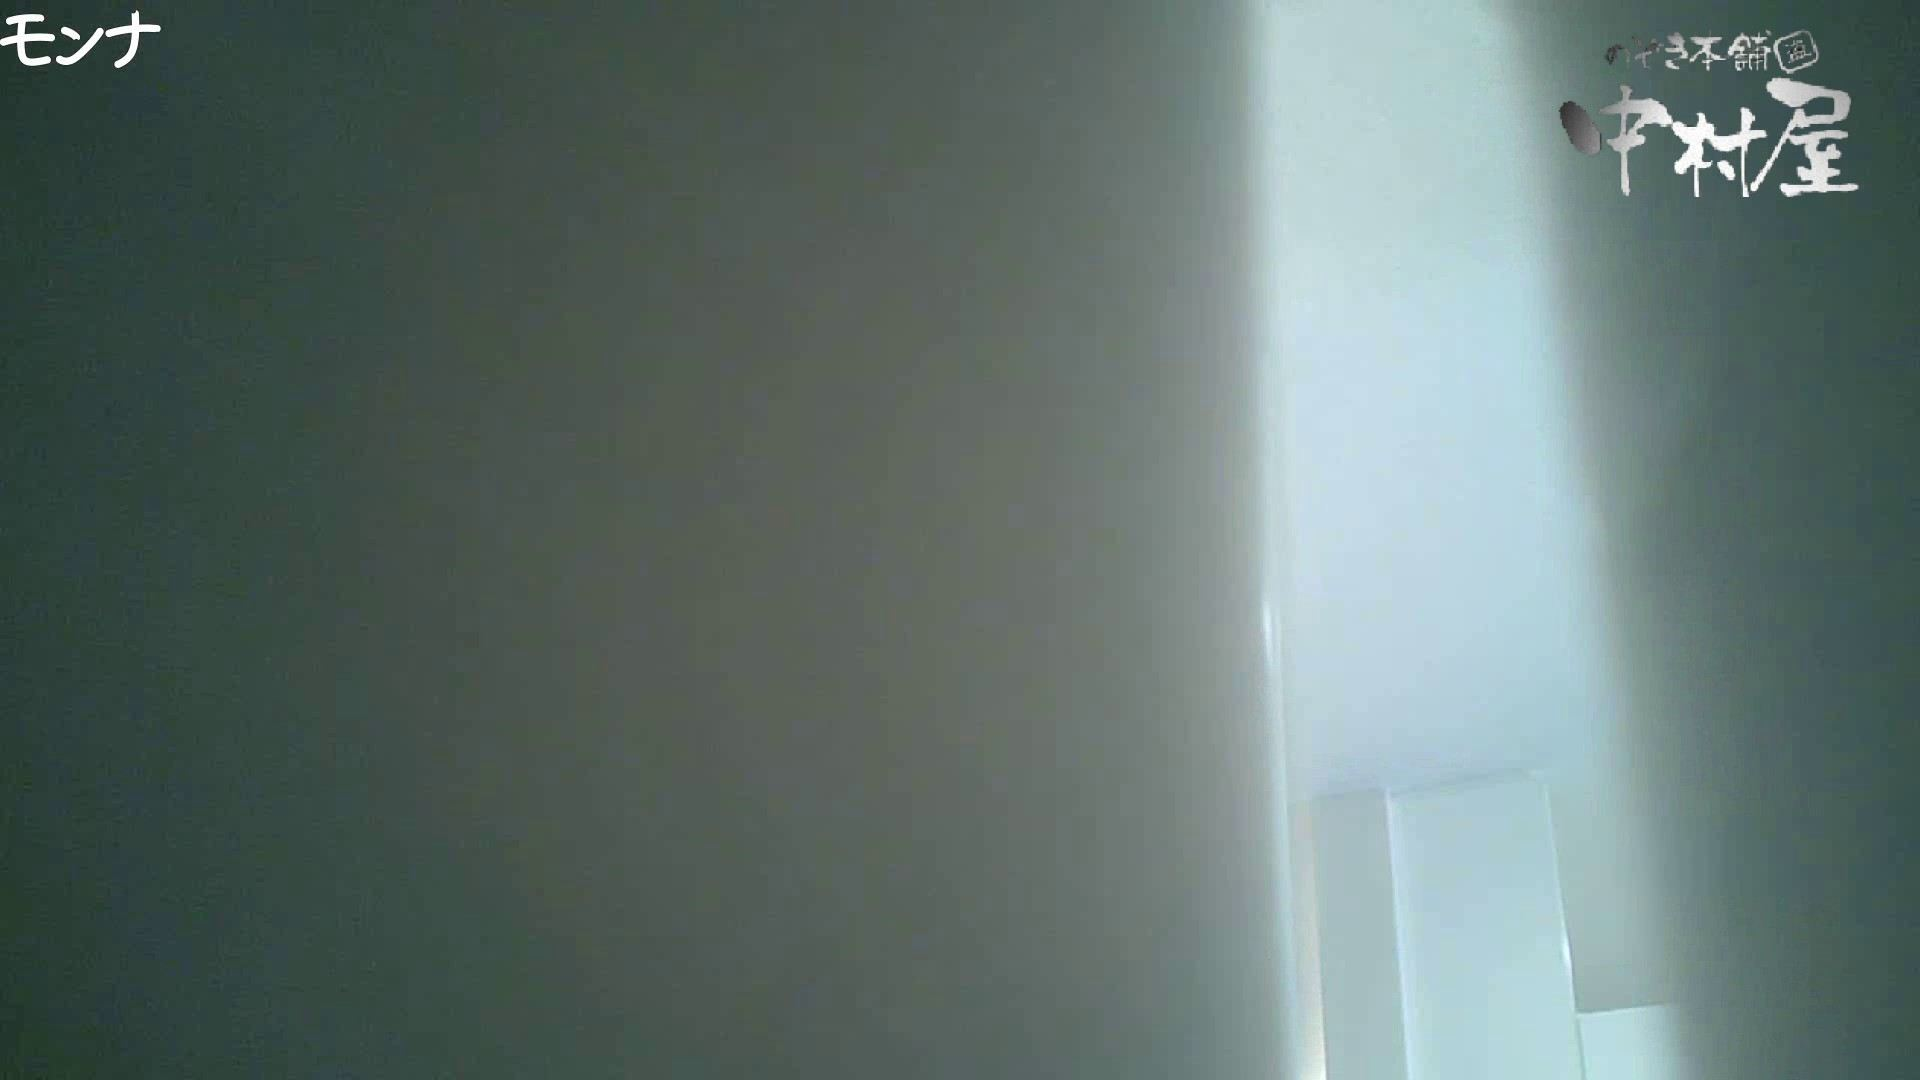 有名大学女性洗面所 vol.65 秘技!!マルチアングル天井撮り!! 和式 | 洗面所  91pic 45